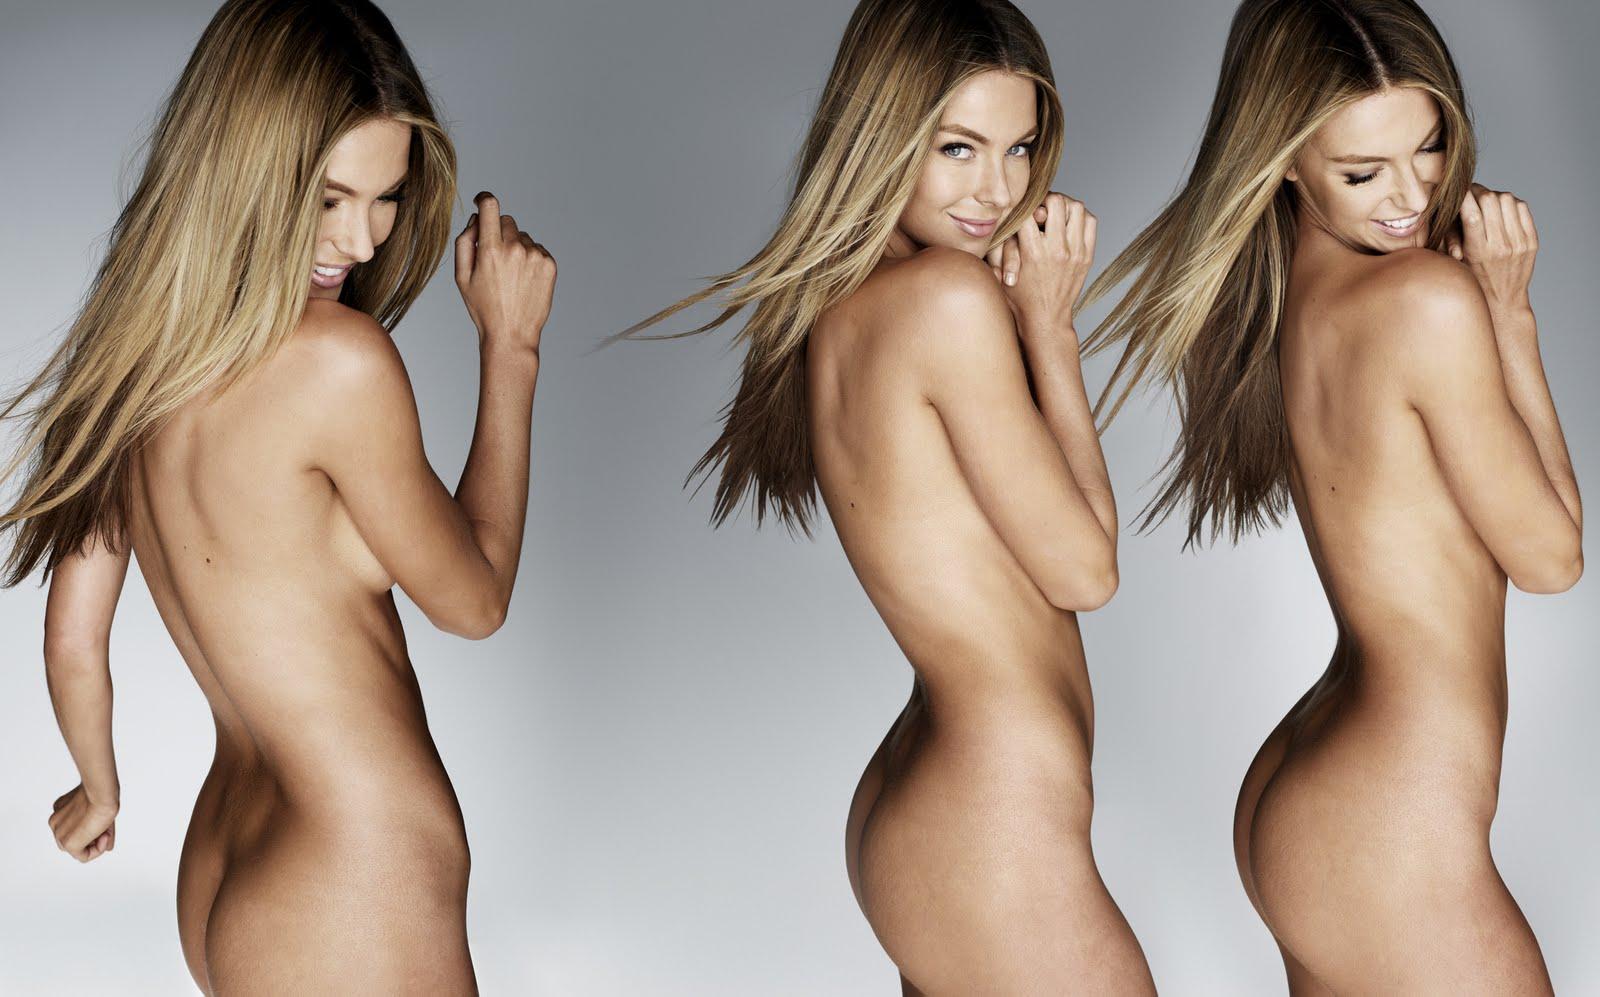 Jennifer hawkins portant des photos de lingerie